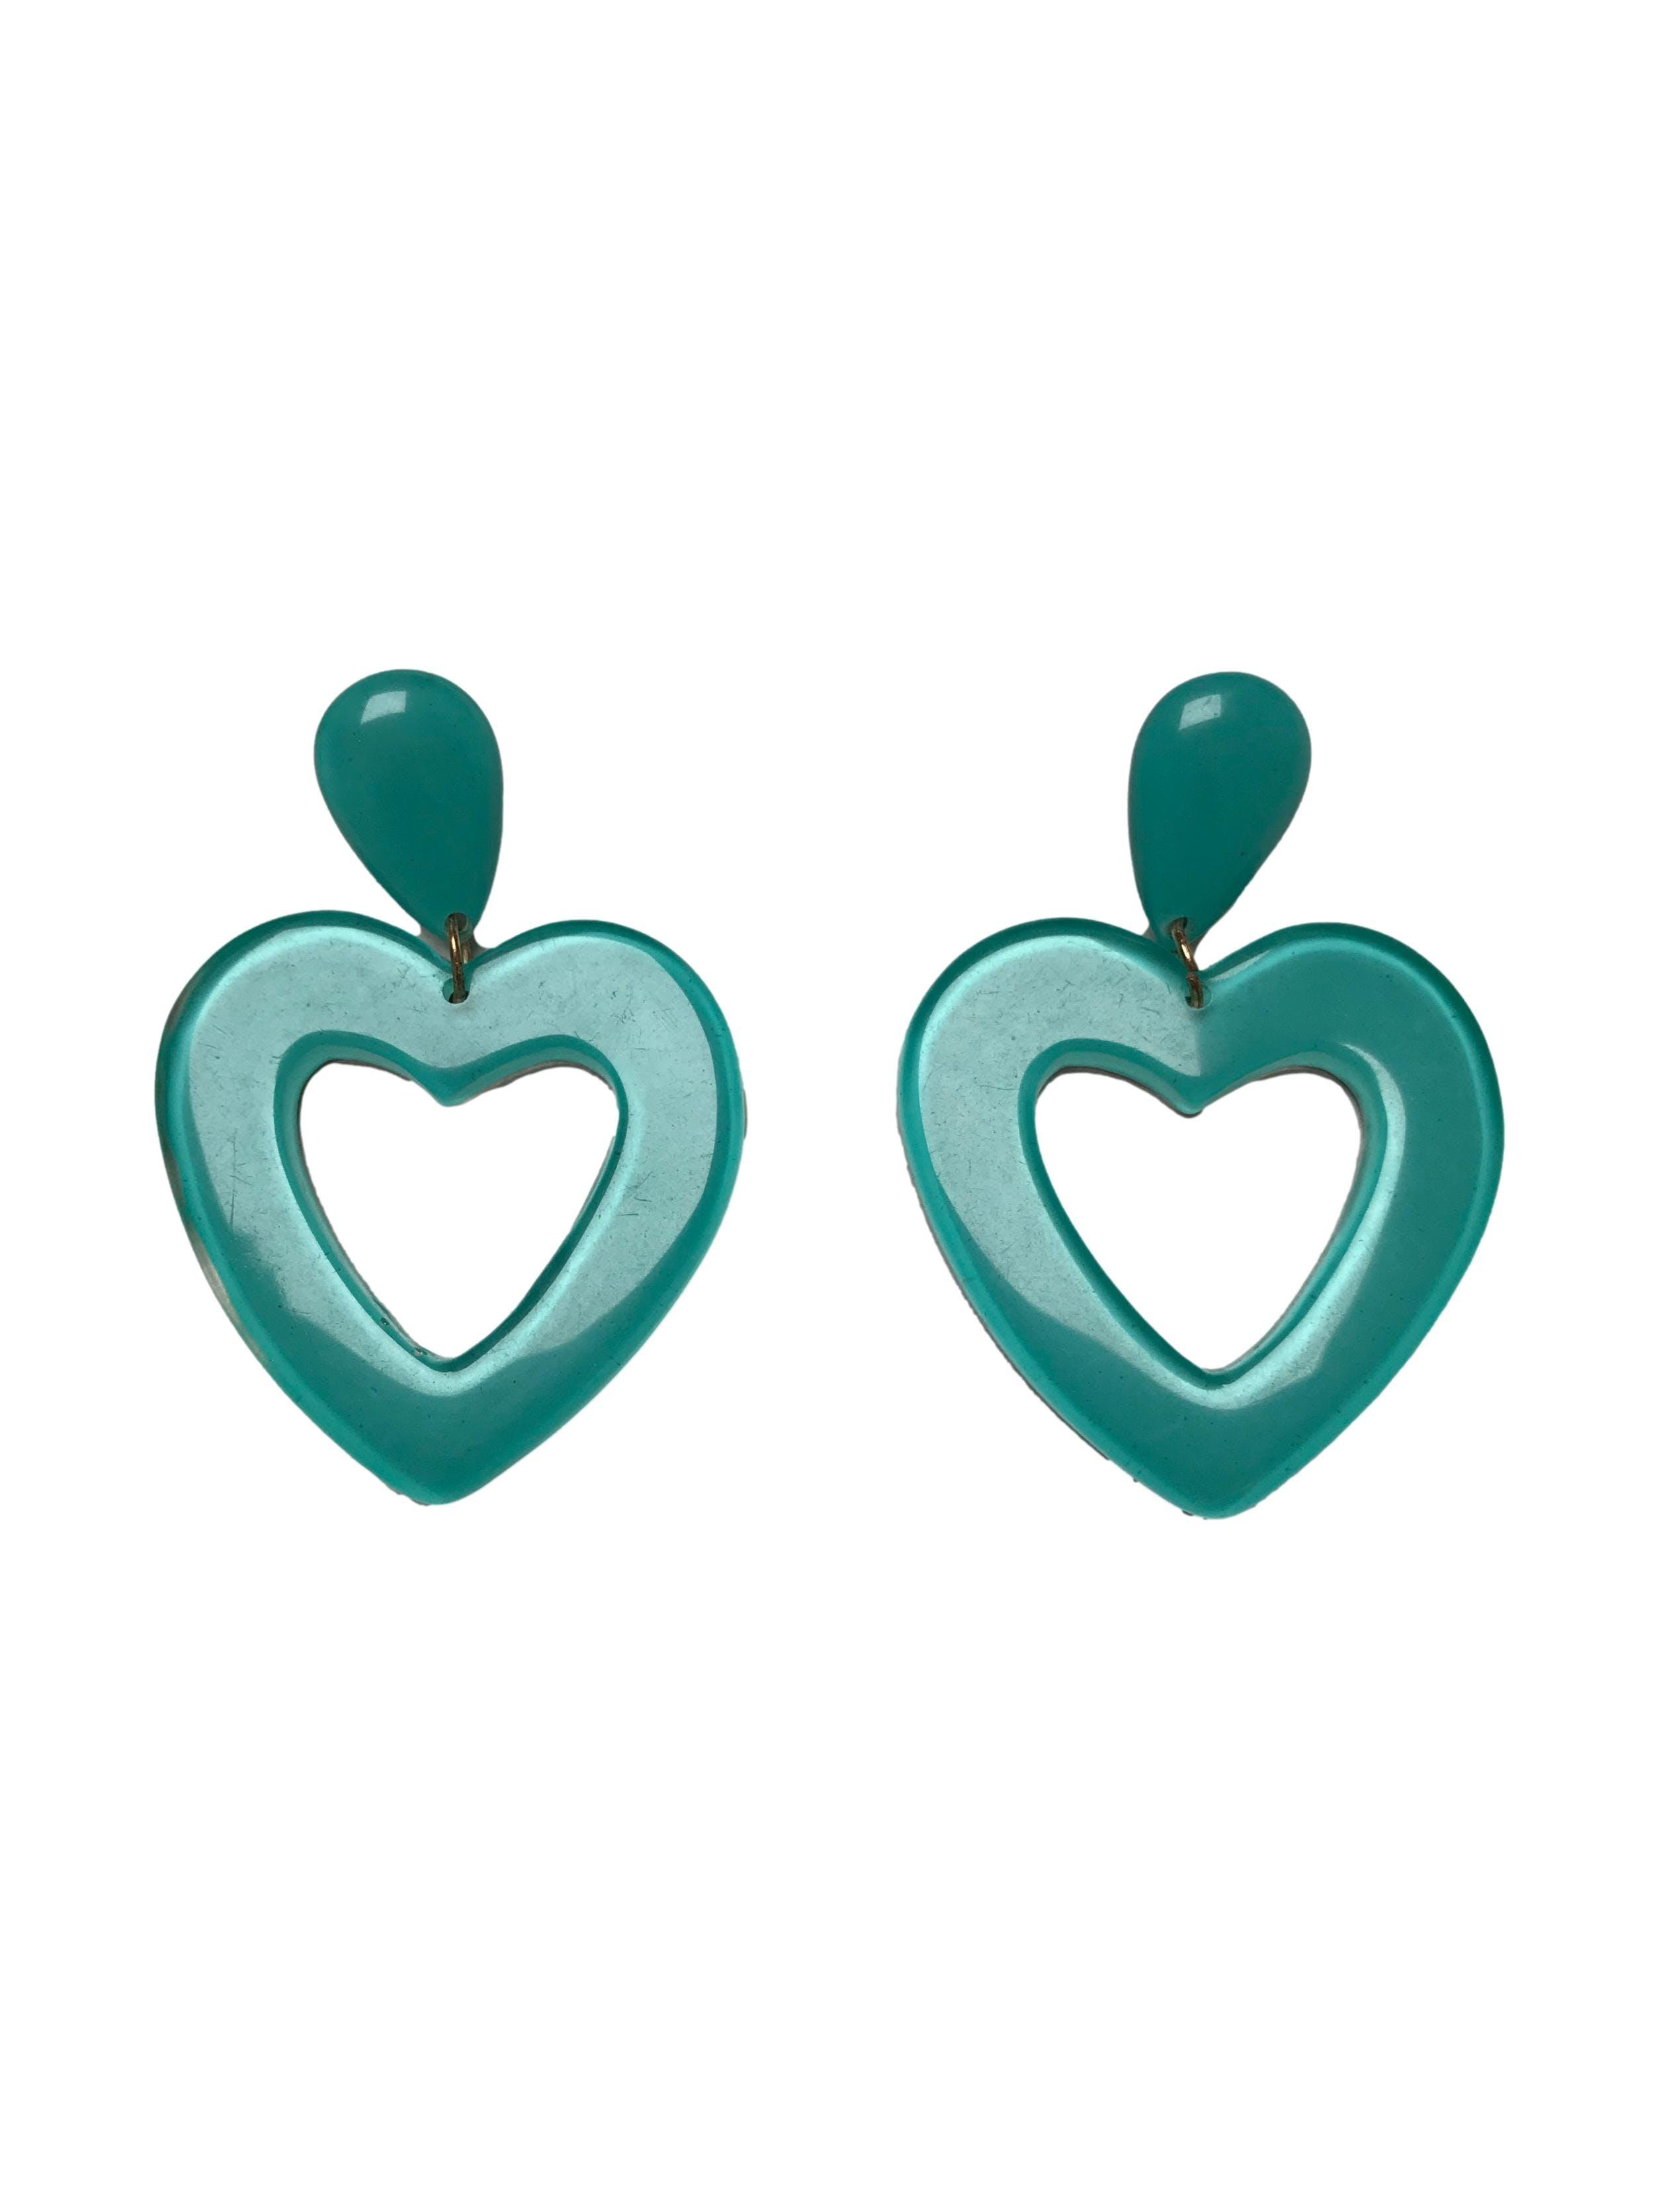 Aretes largos de acrílico en formas gota y corazón. Largo 7cm